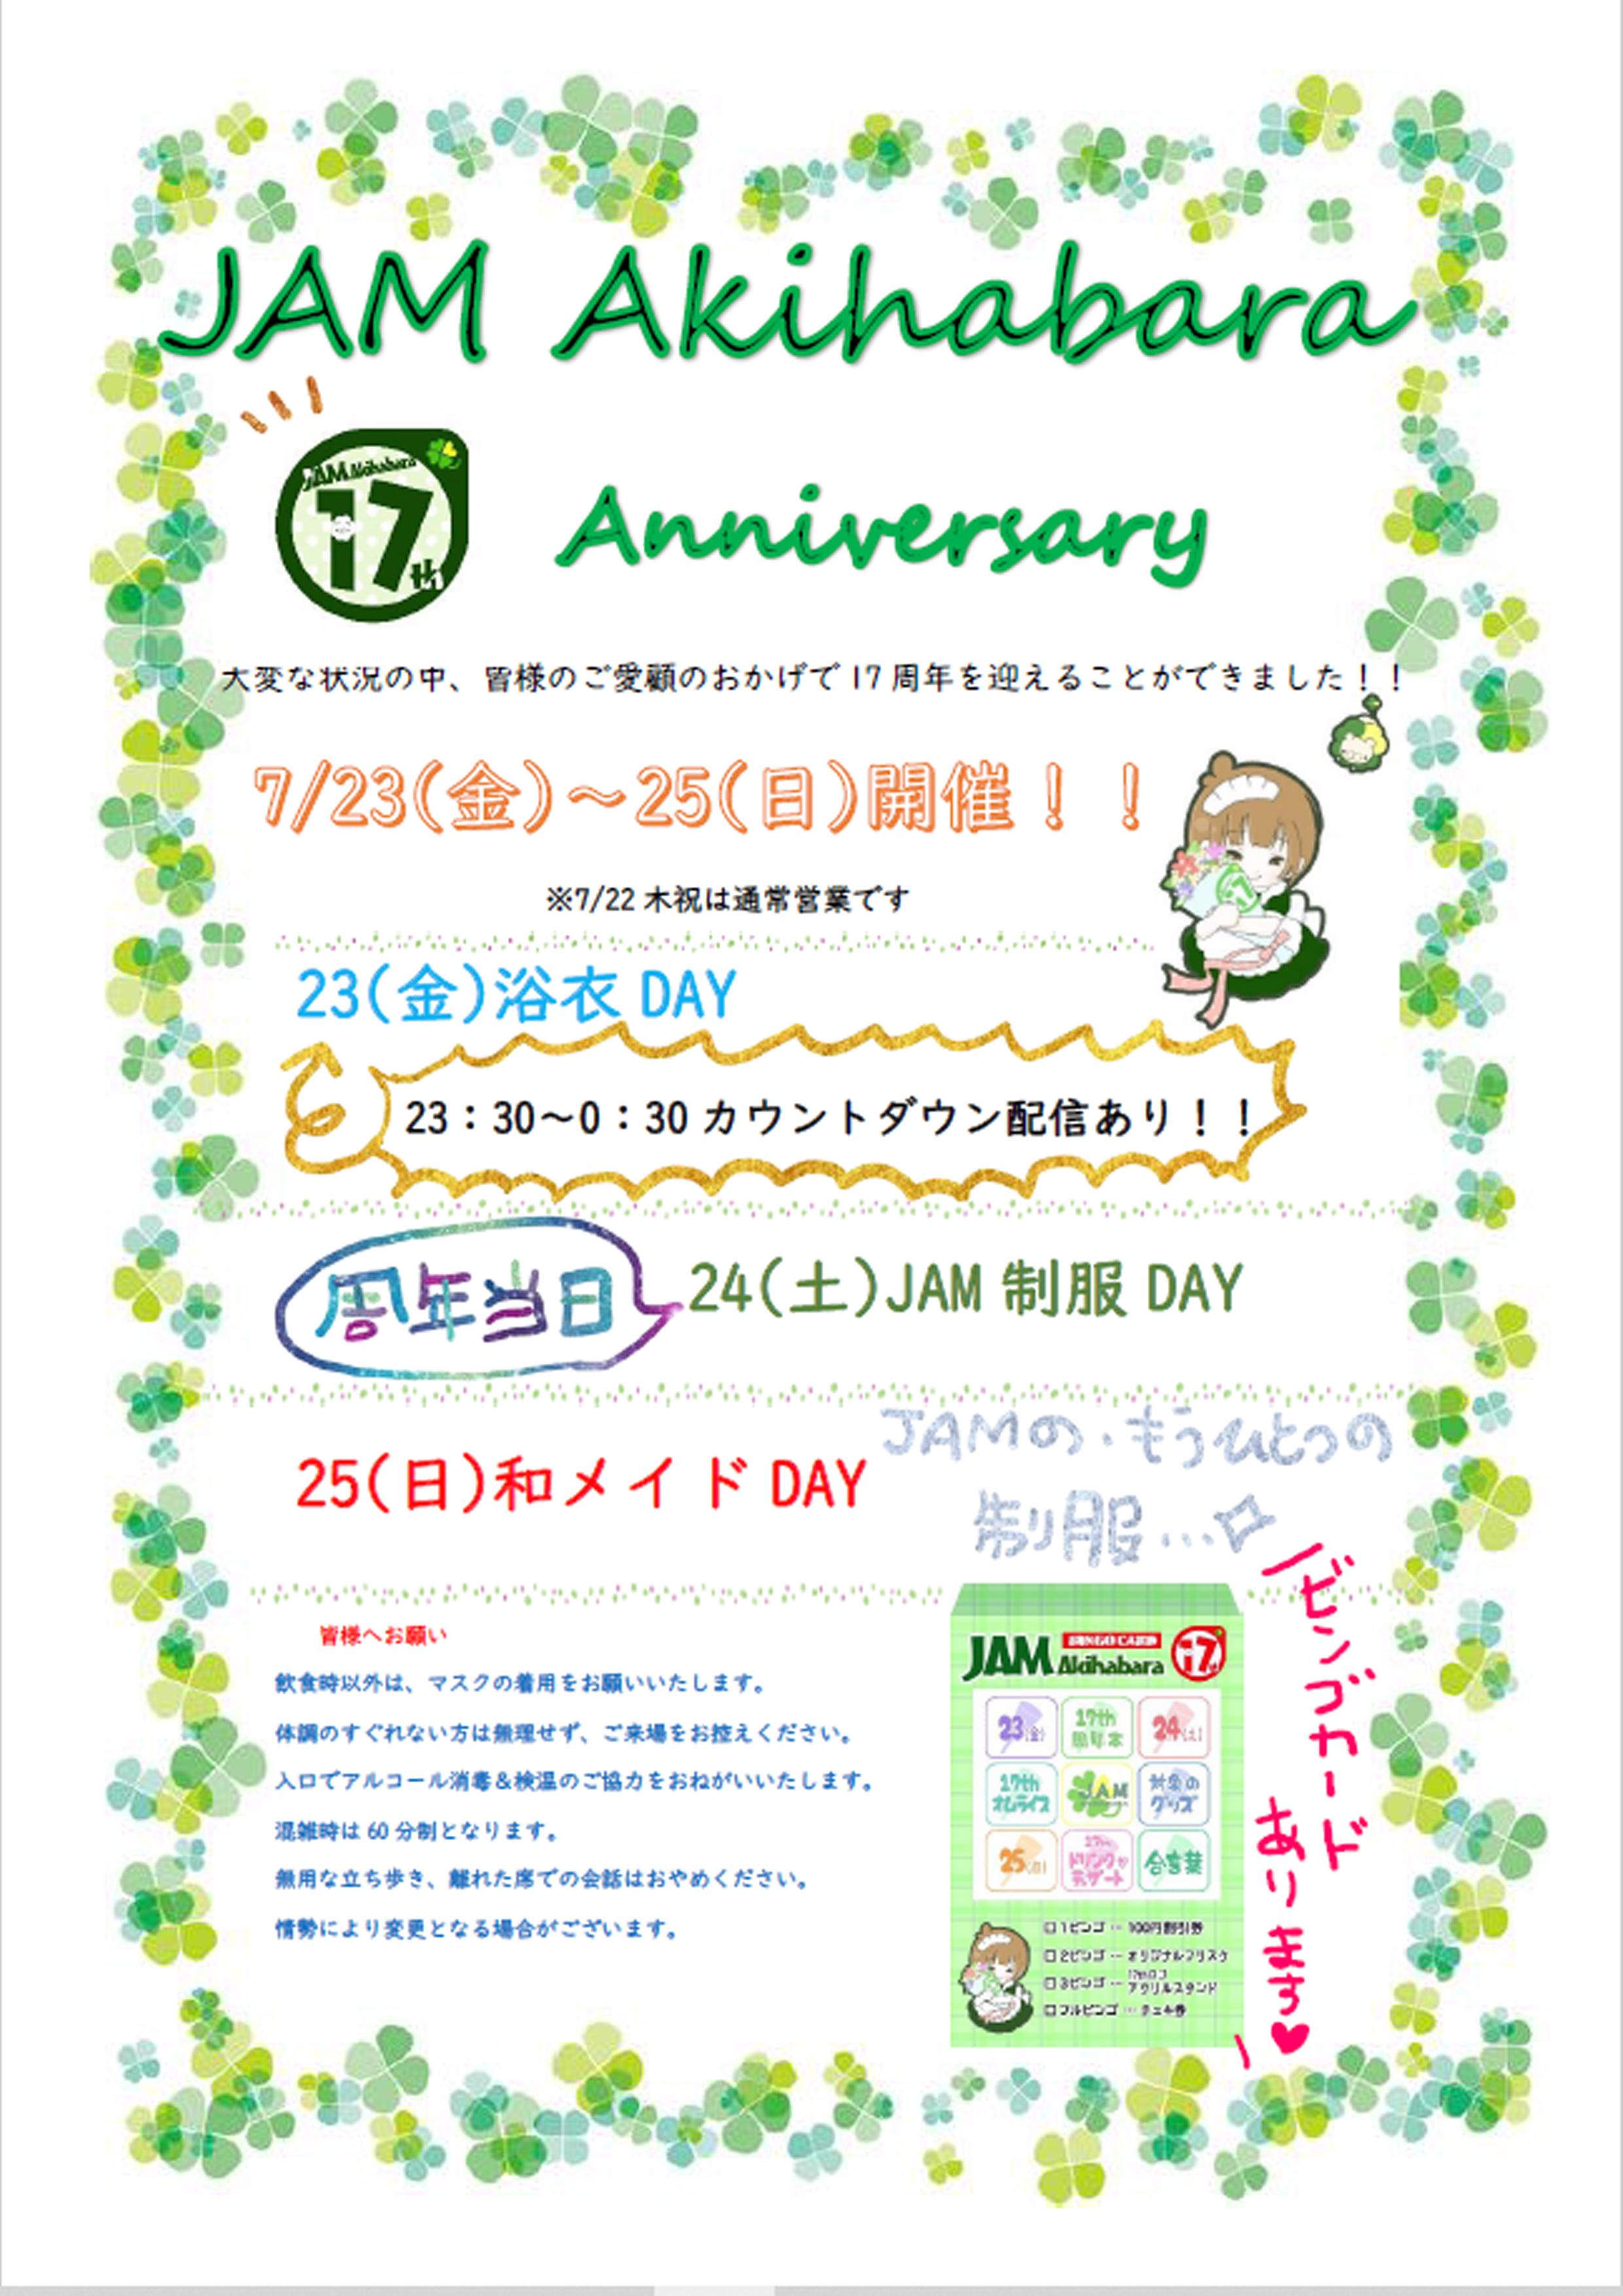 JAM Akihabara 17周年イベント